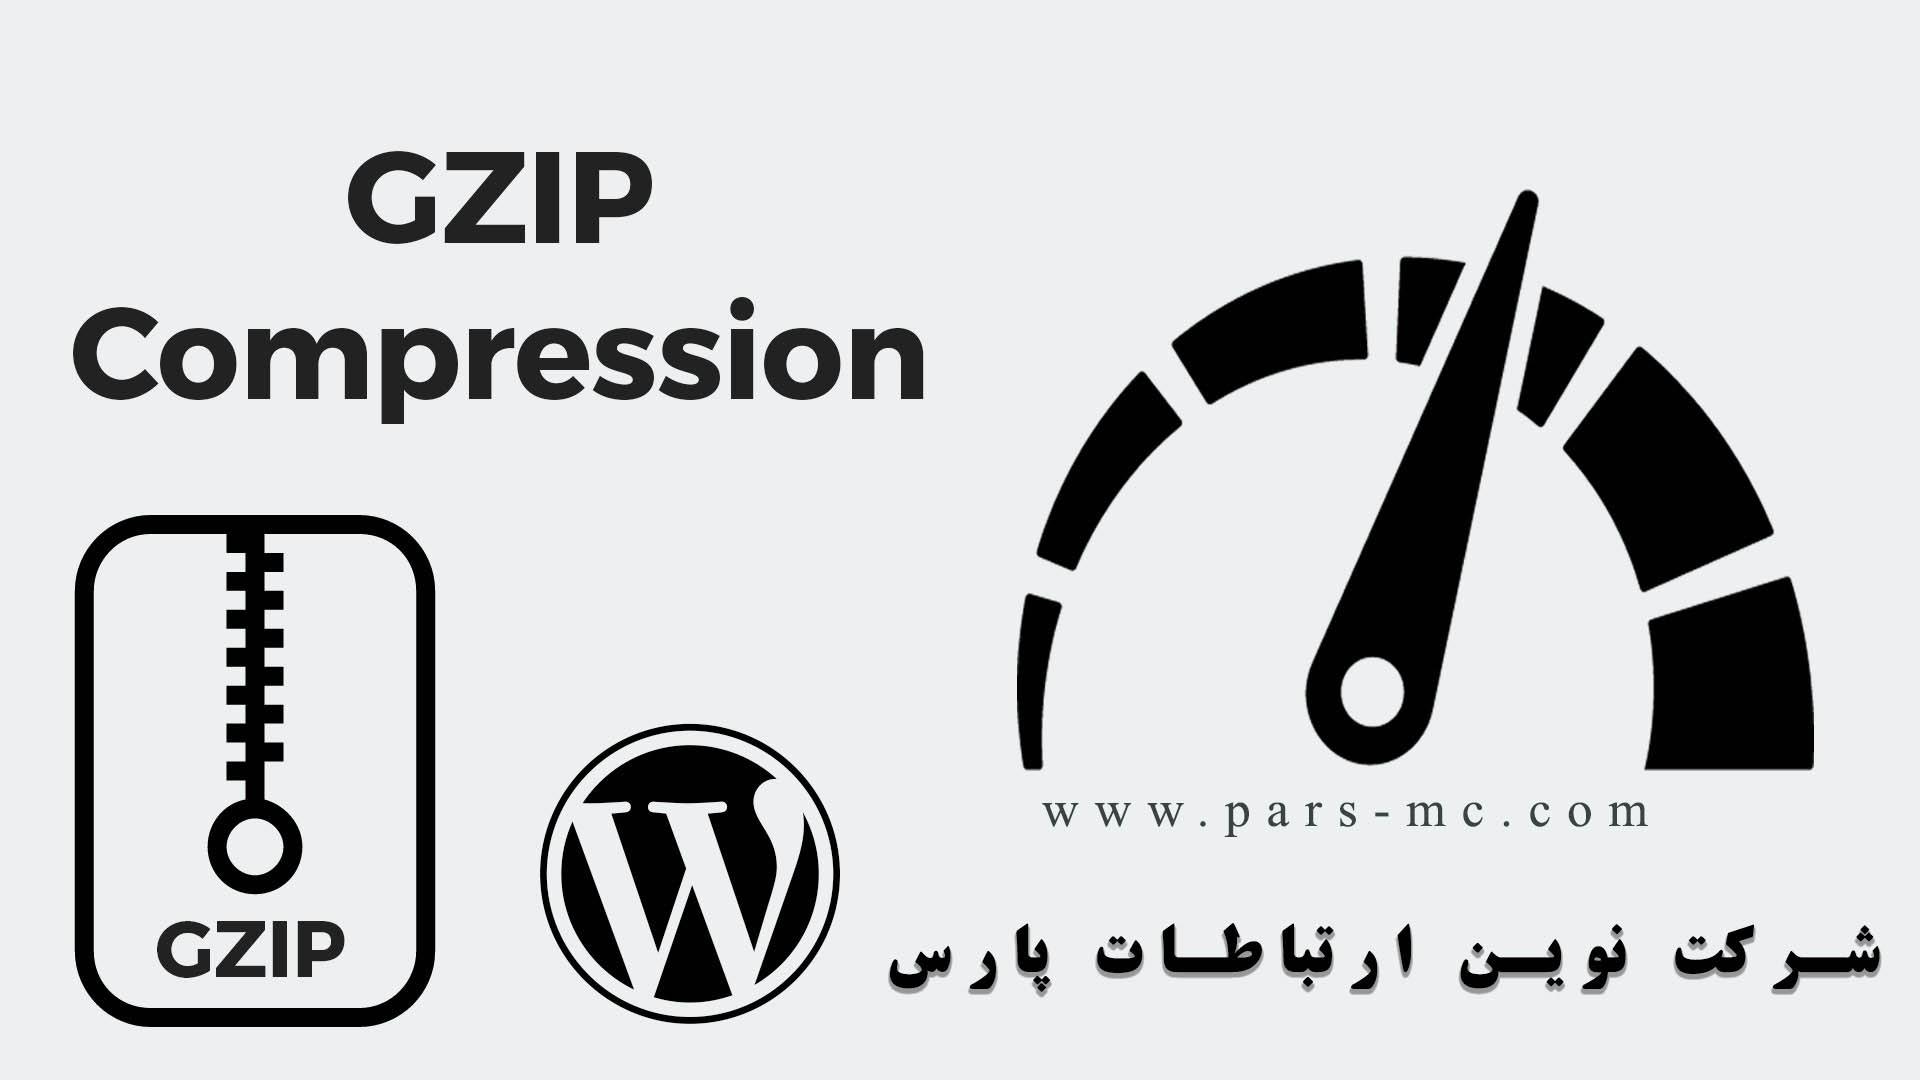 فشرده سازی وب سایت با استفاده از gzip